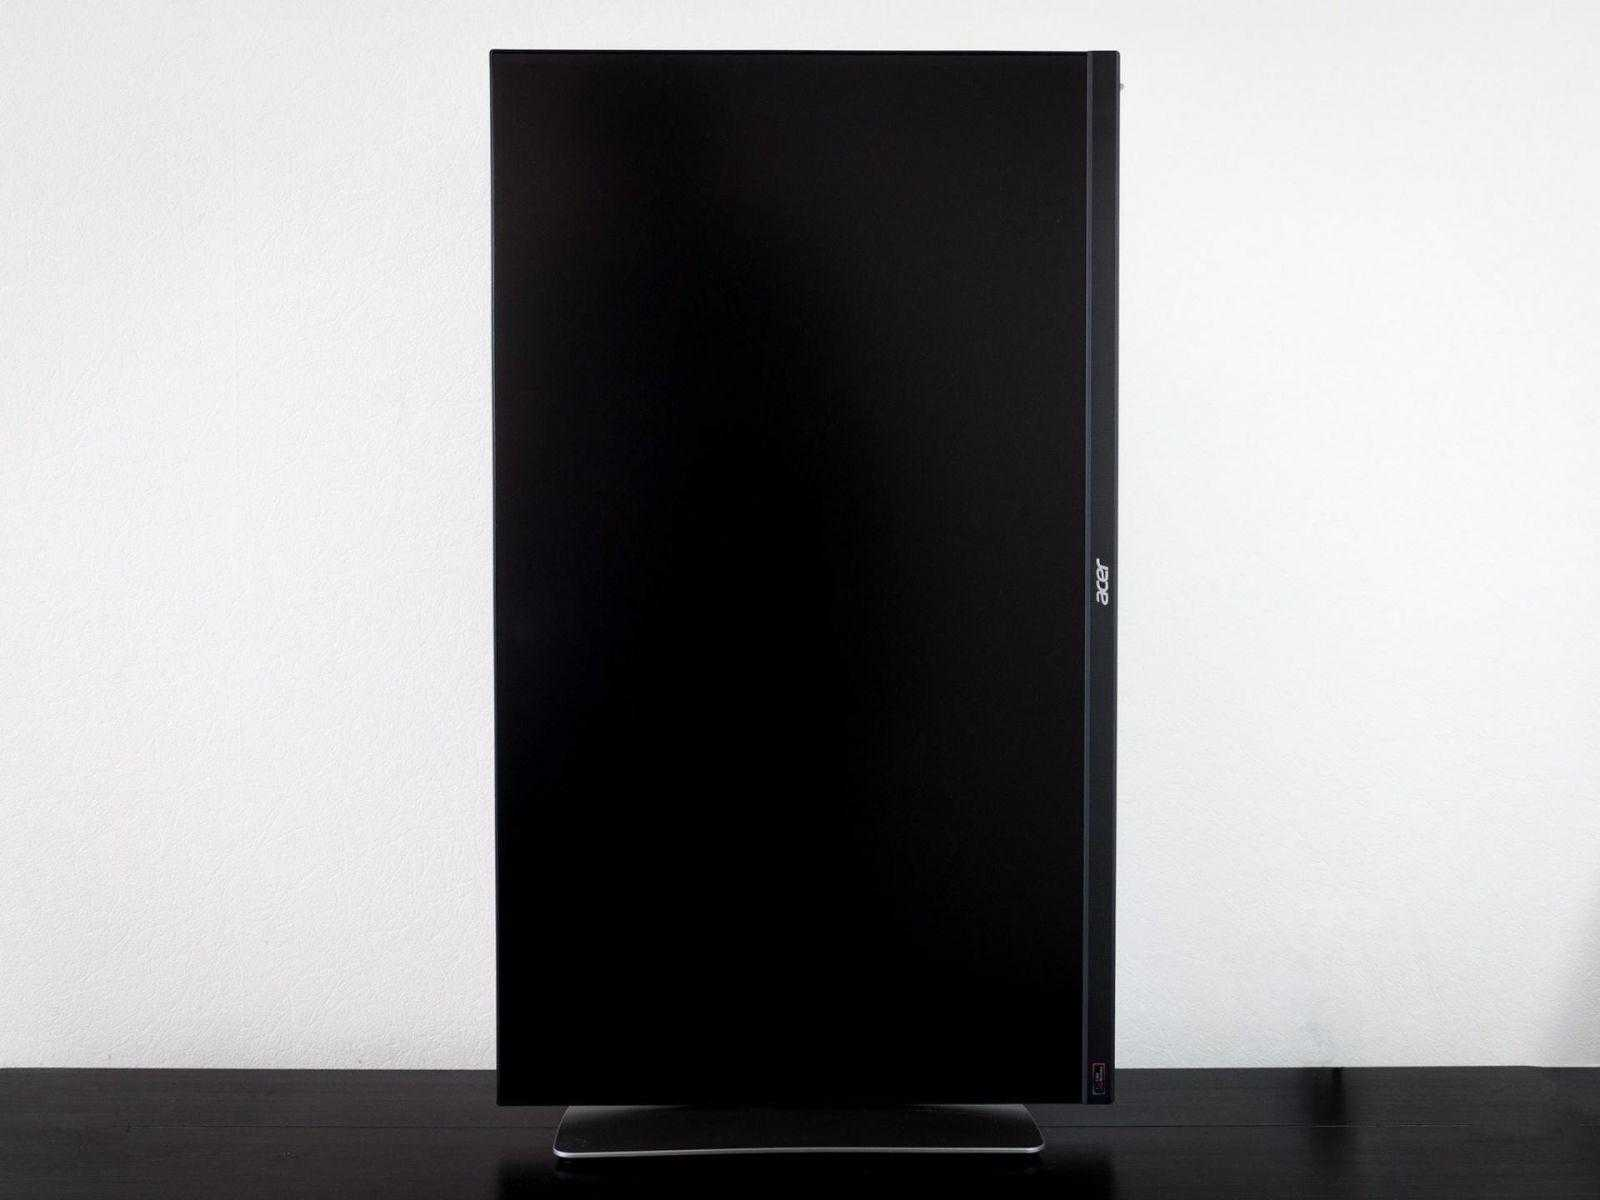 Обзор монитора Acer ProDesigner BM320 (acer 320YaM04)